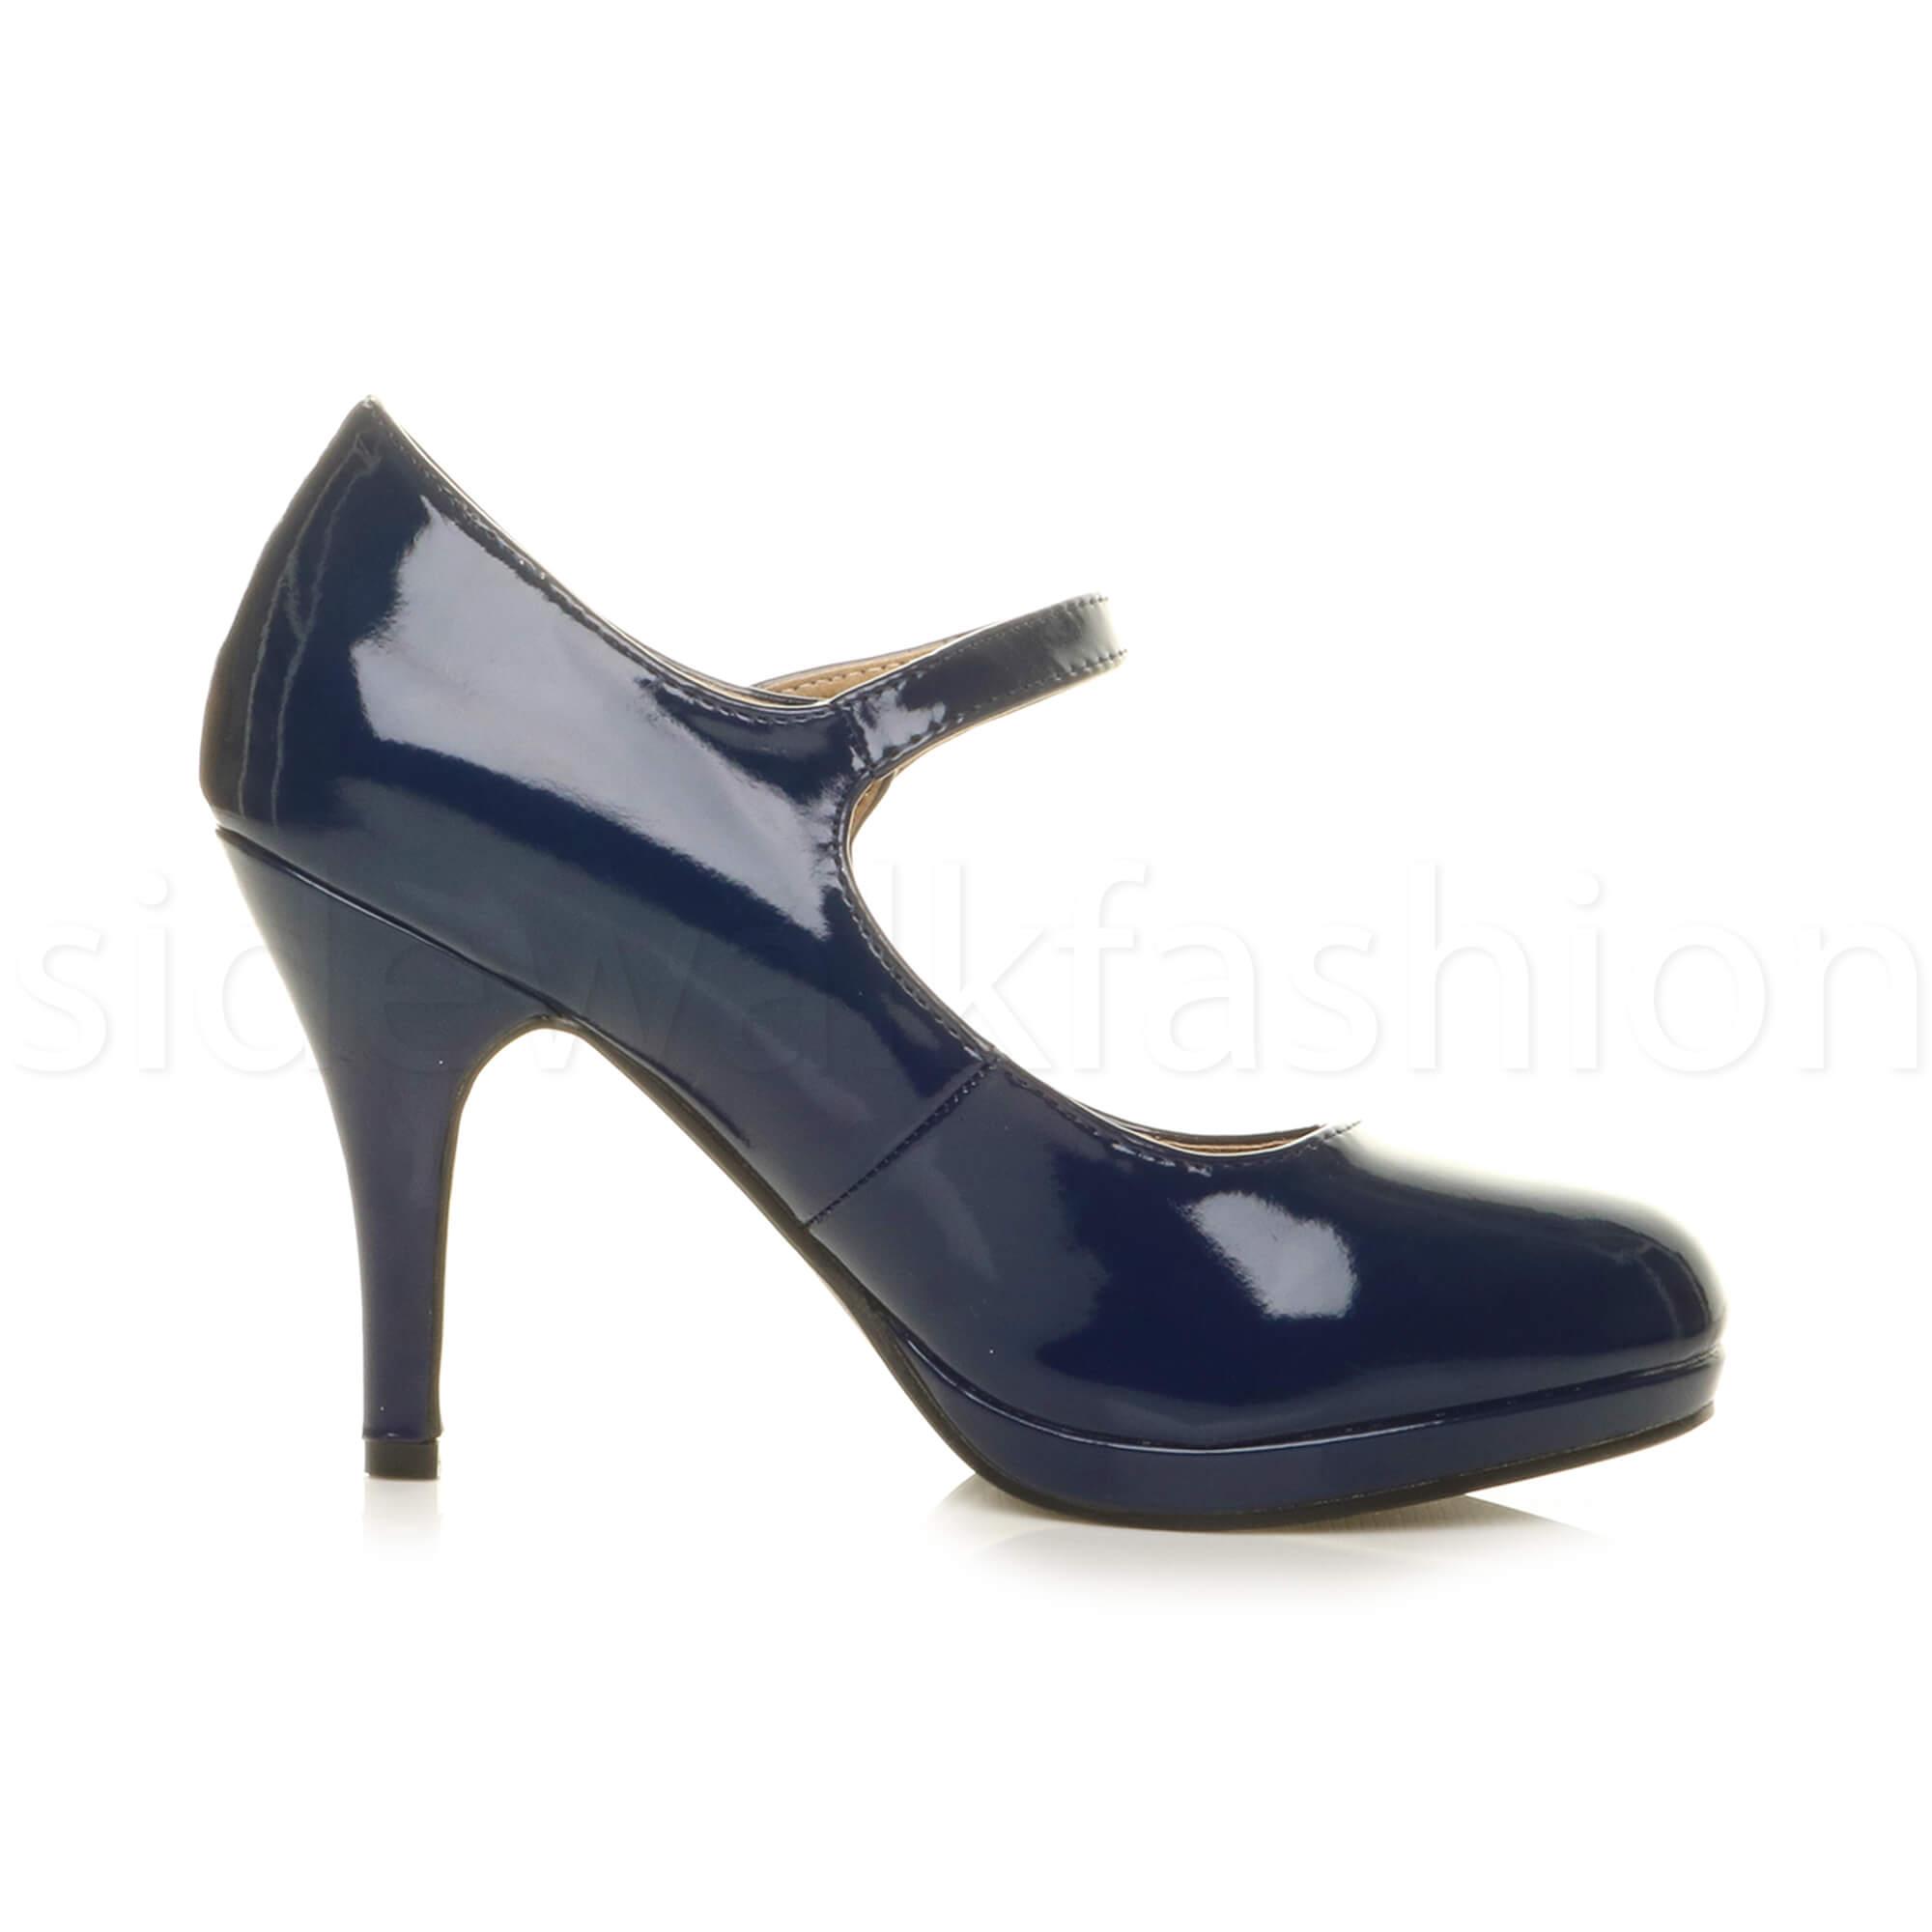 Medium Heel Womens Shoes Strap High Zu Pumps Platform Size Jane Details Court Mary Ladies dxtrsQCh